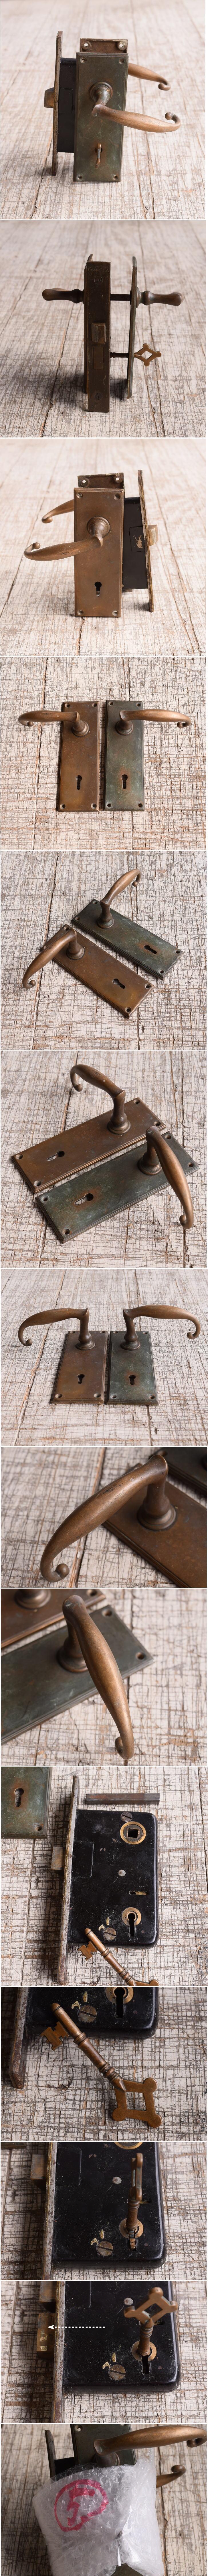 イギリス アンティーク ラッチ&ドアノブ 鍵付き 建具金物 10092